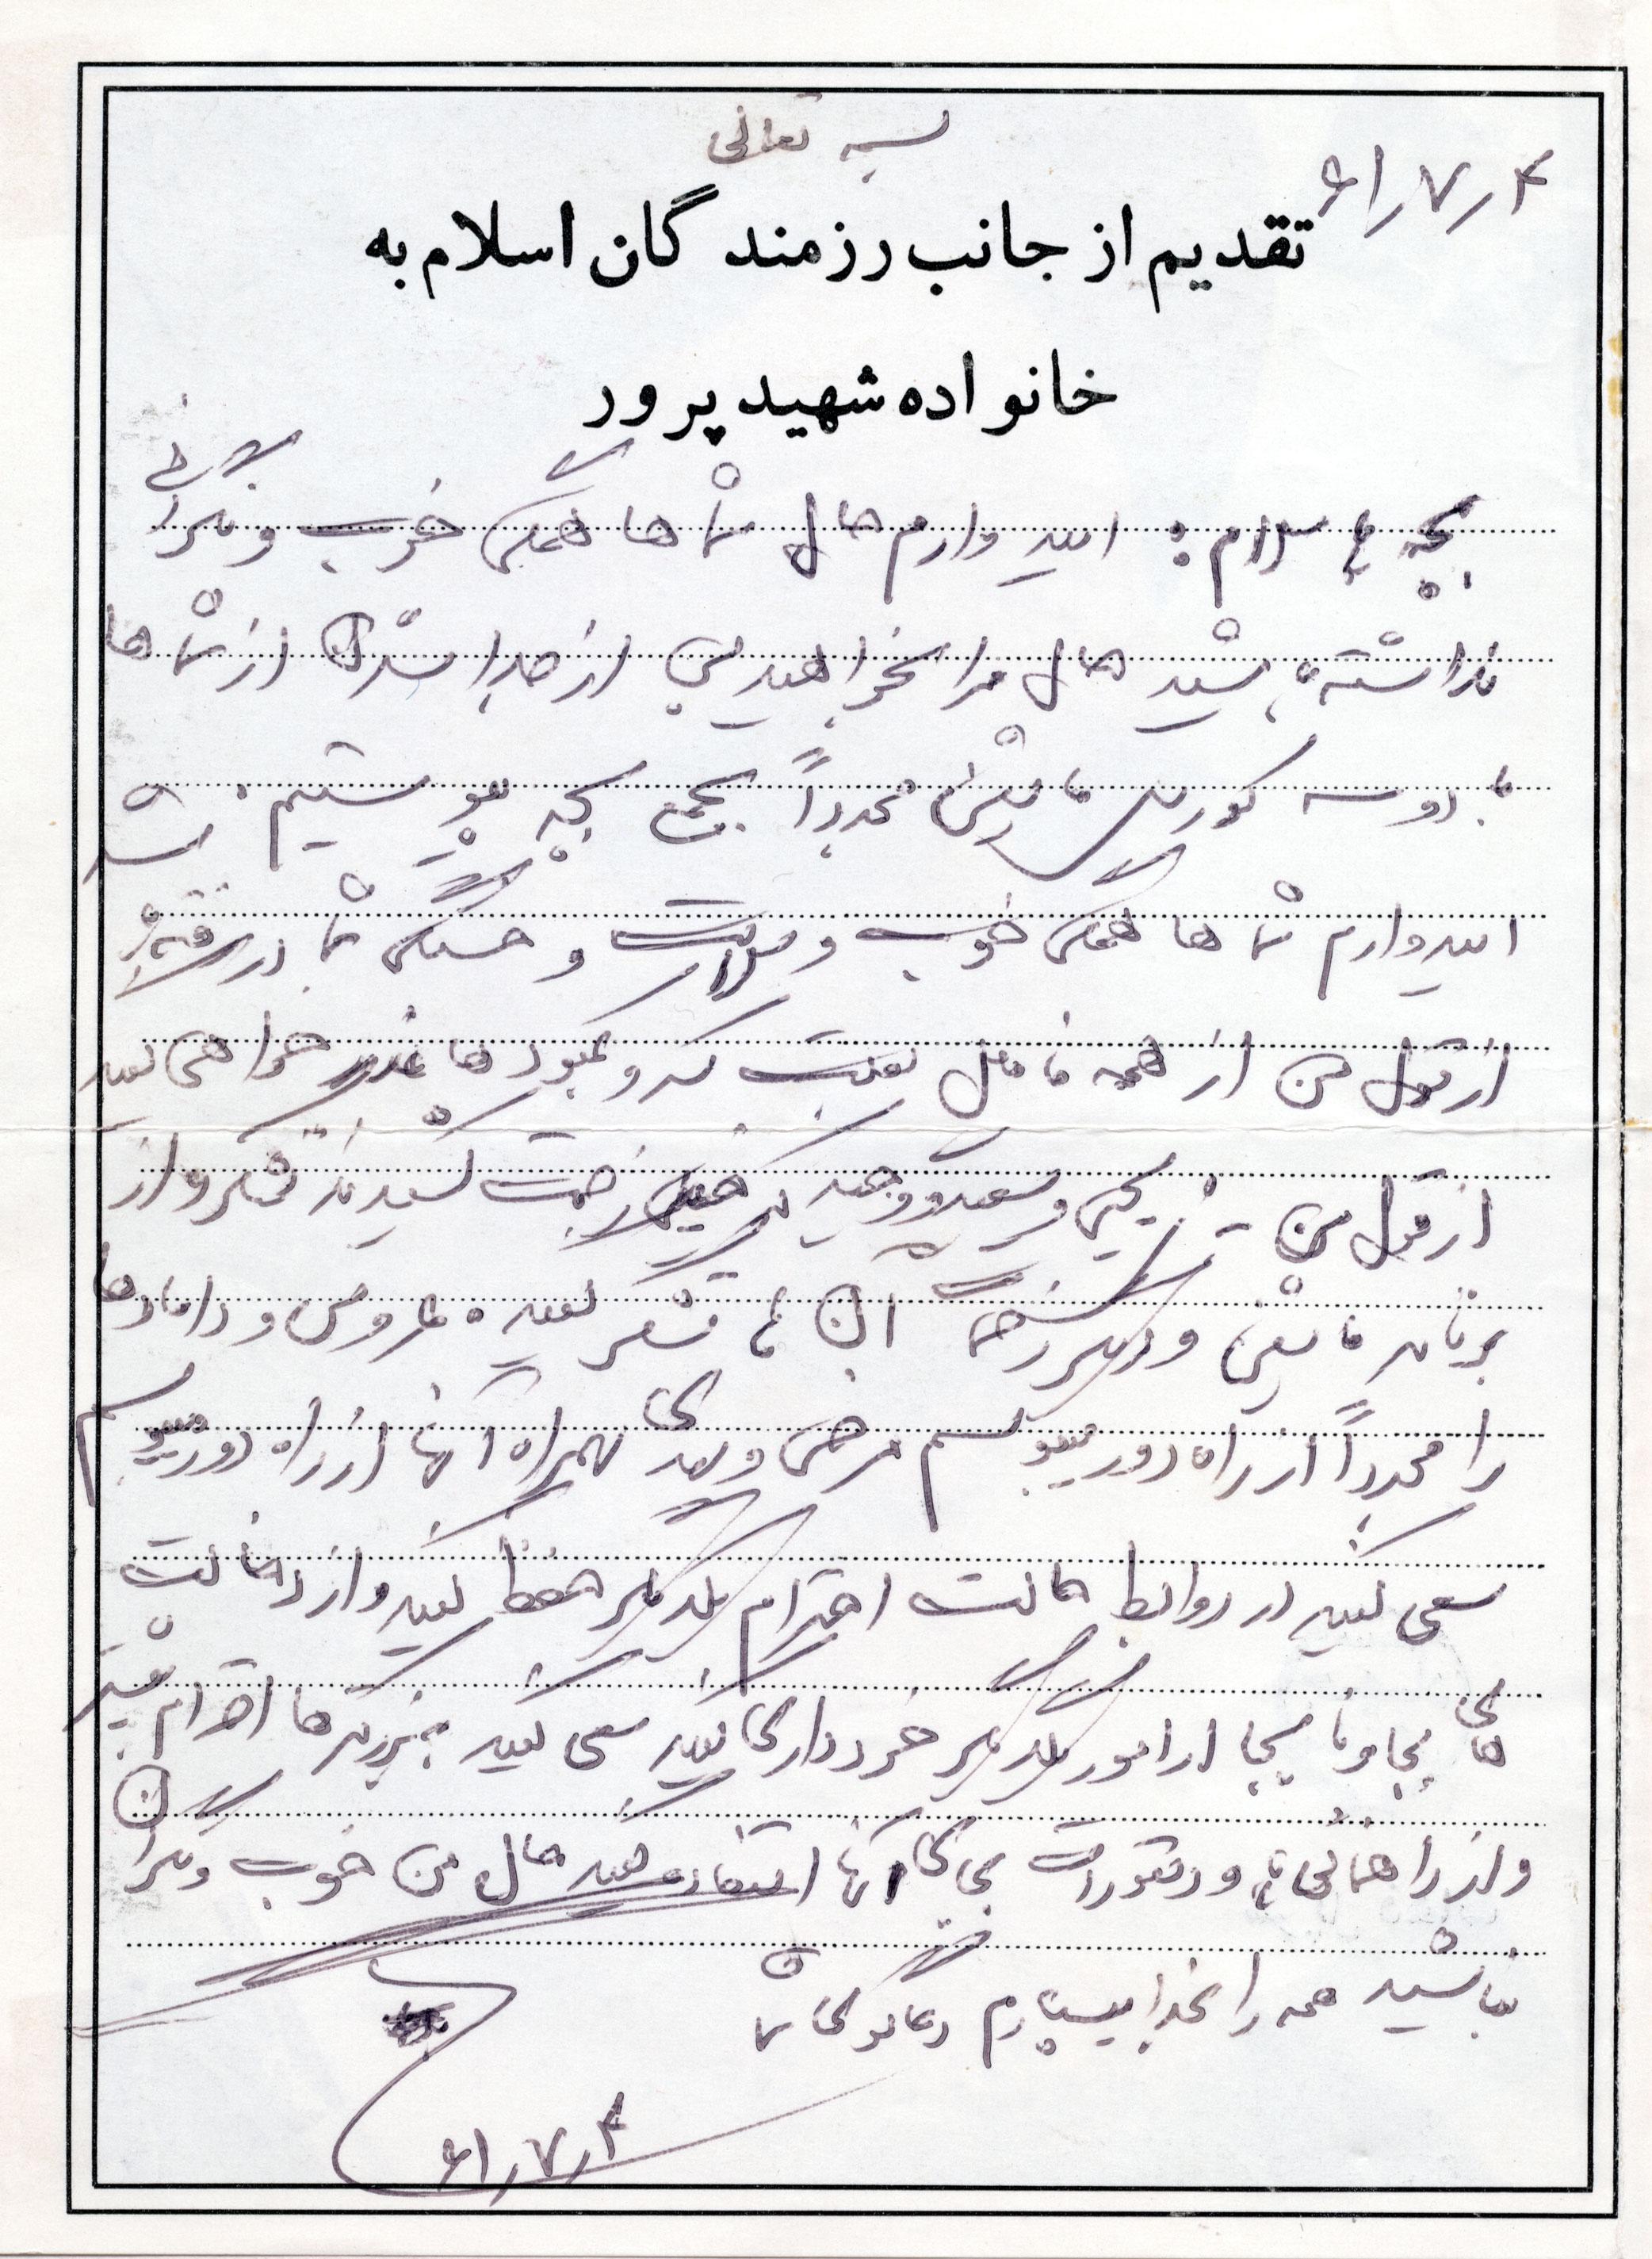 نامه بسیجی شهید محمدناصر خردمند/ سعی کنید؛ به بزرگترها احترام کنید